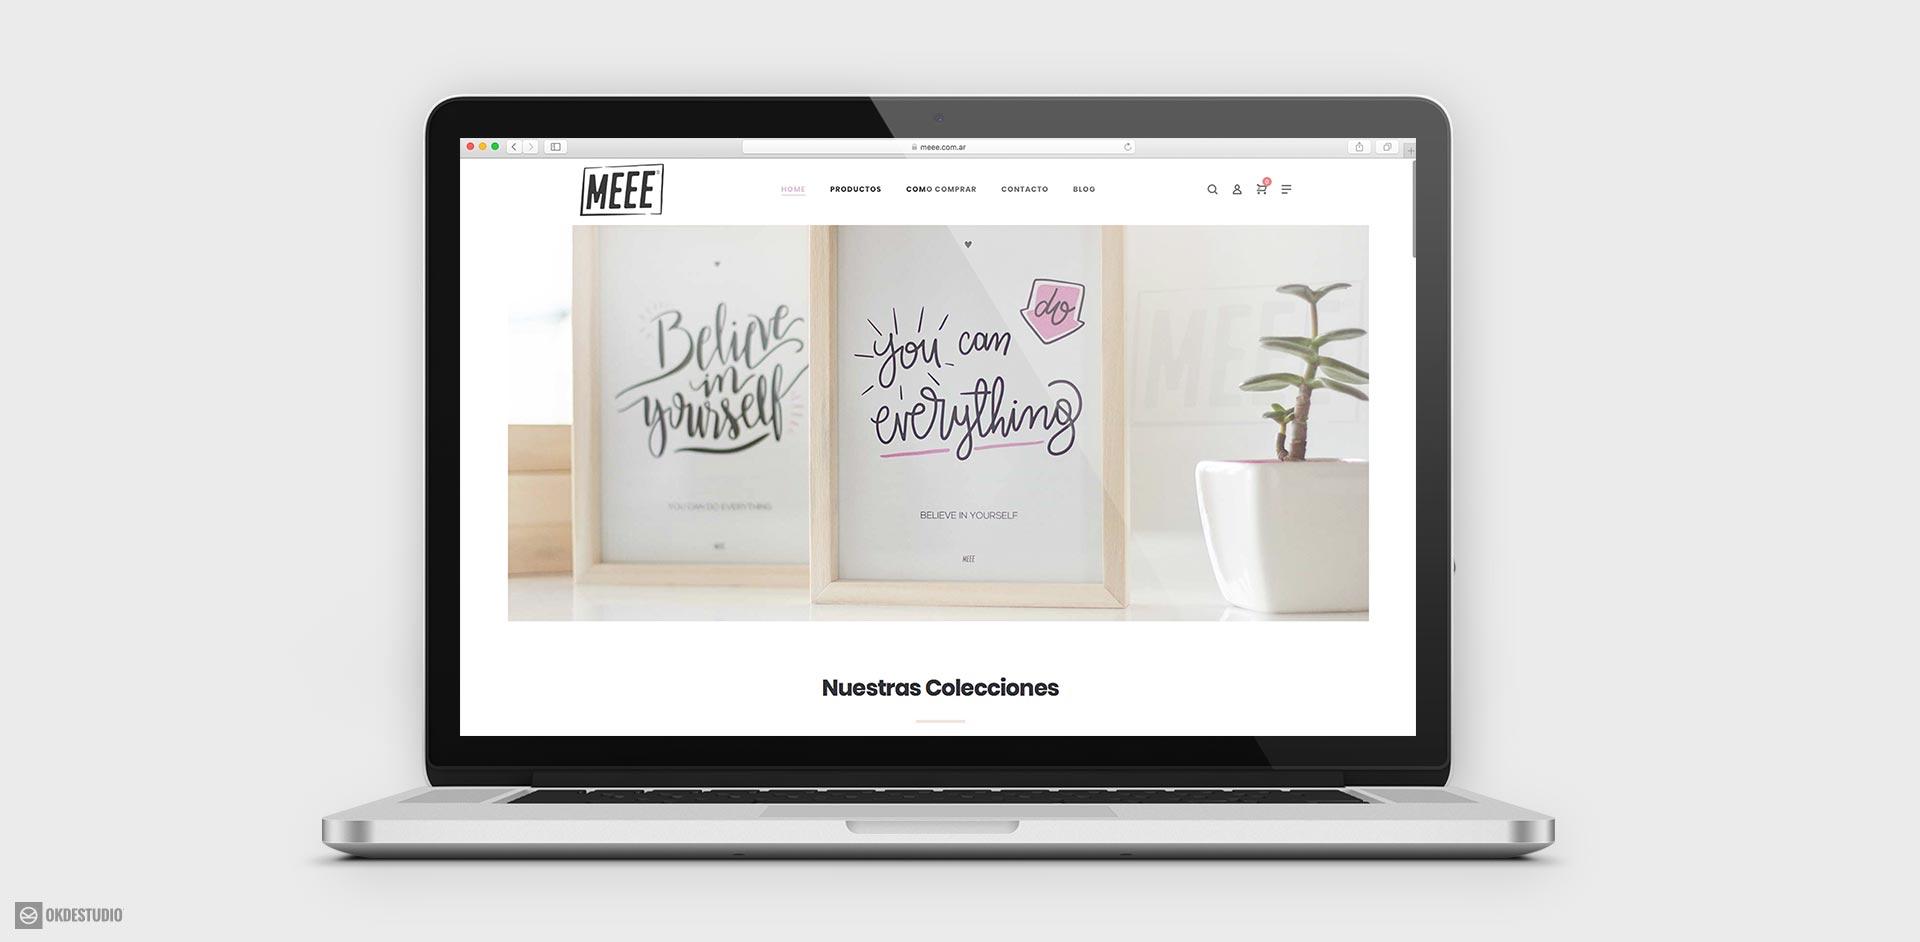 pagina web, tienda online, ecommerce, mercadopago, para meee cuadros decorativos by okd estudio